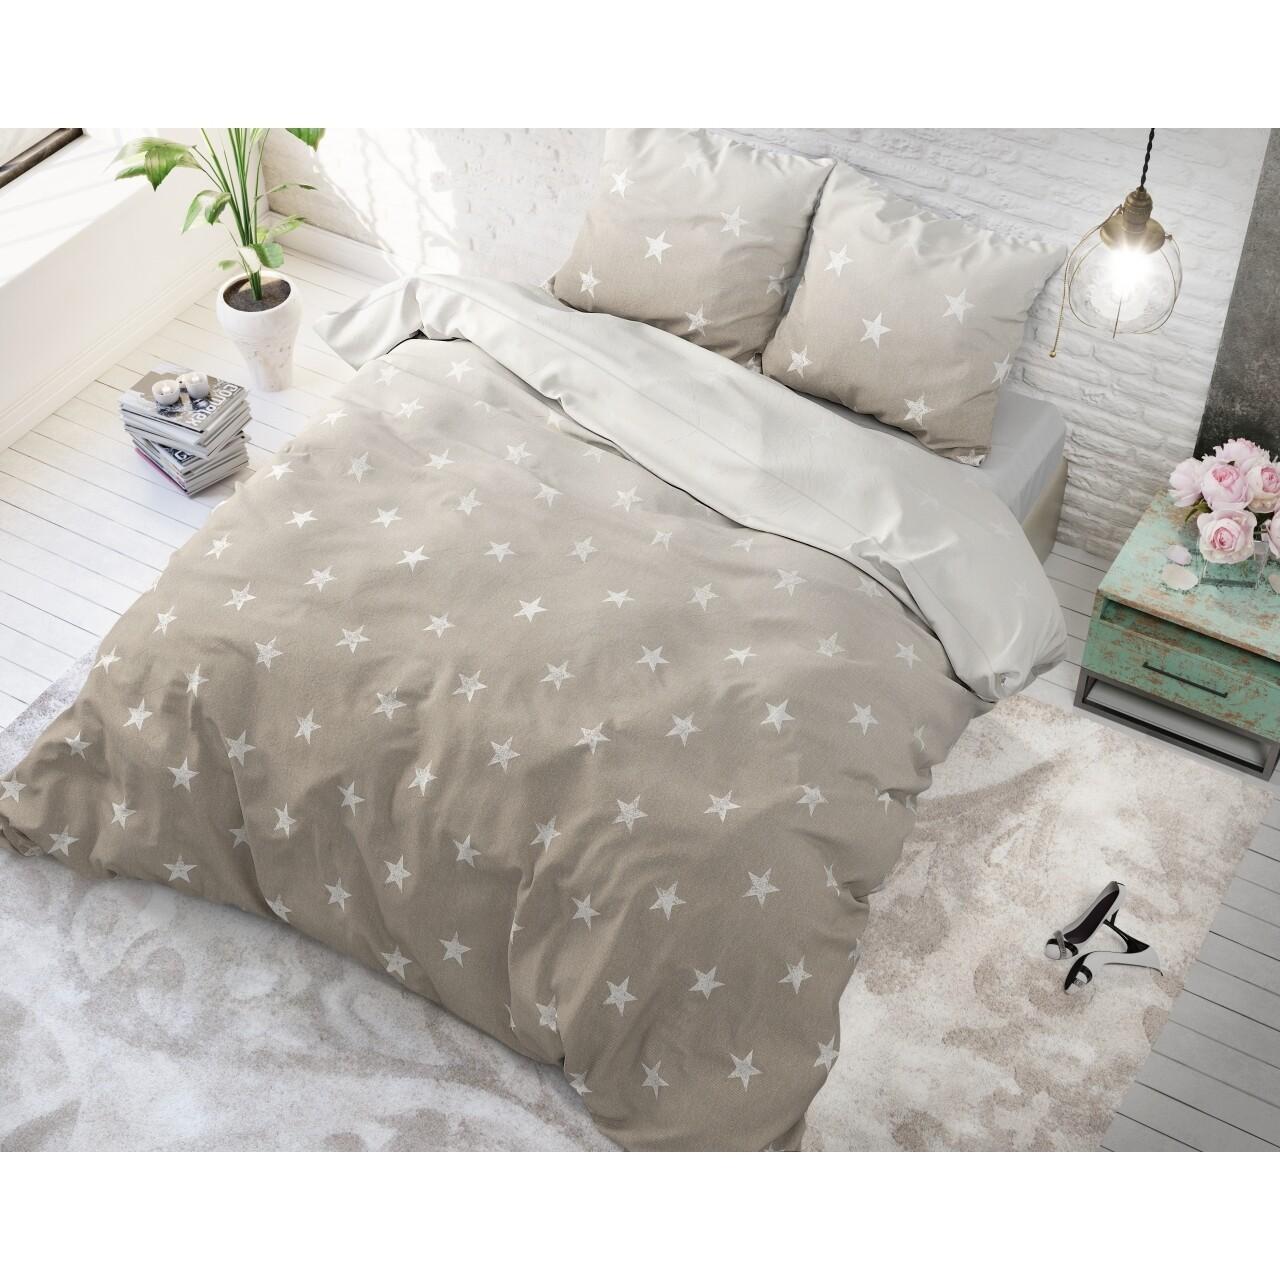 Lenjerie de pat dubla Twinkle Stars Sand, Sleeptime, 3 piese, 200 x 220 cm, cotton blended, crem cu alb